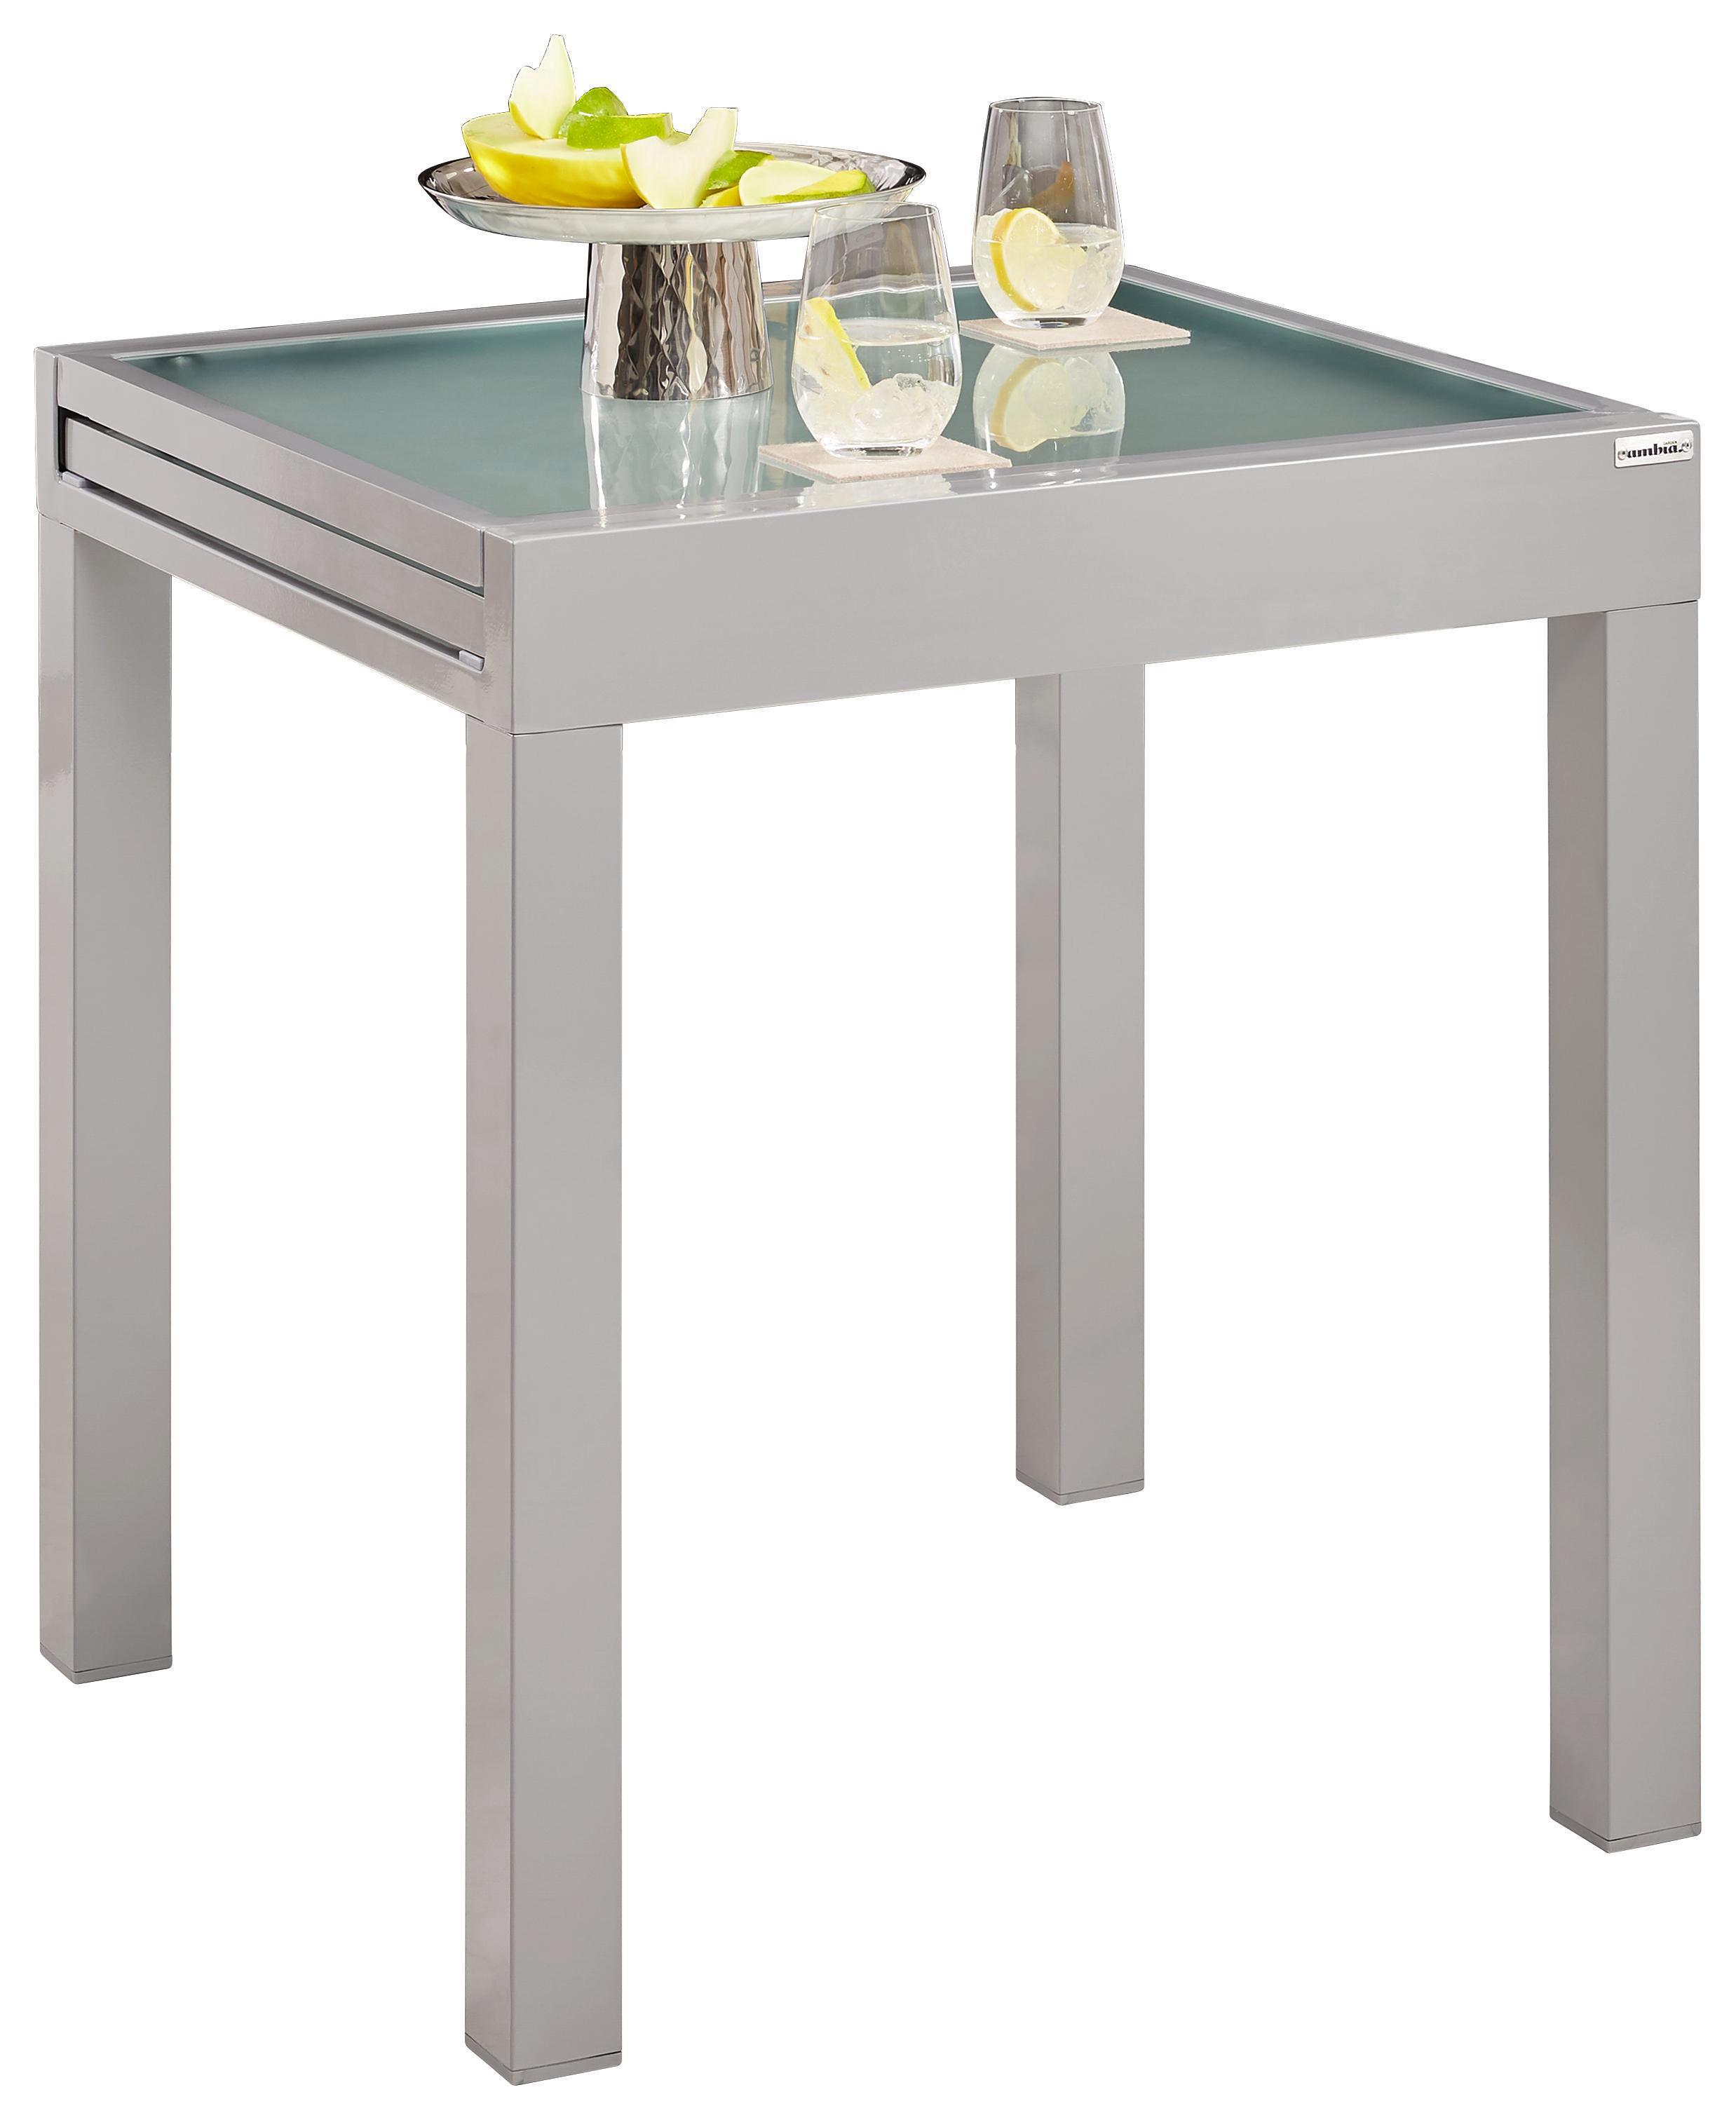 GARTENTISCH Glas, Metall Silberfarben - Silberfarben, Design, Glas/Metall (70-140/75/70cm) - AMBIA GARDEN